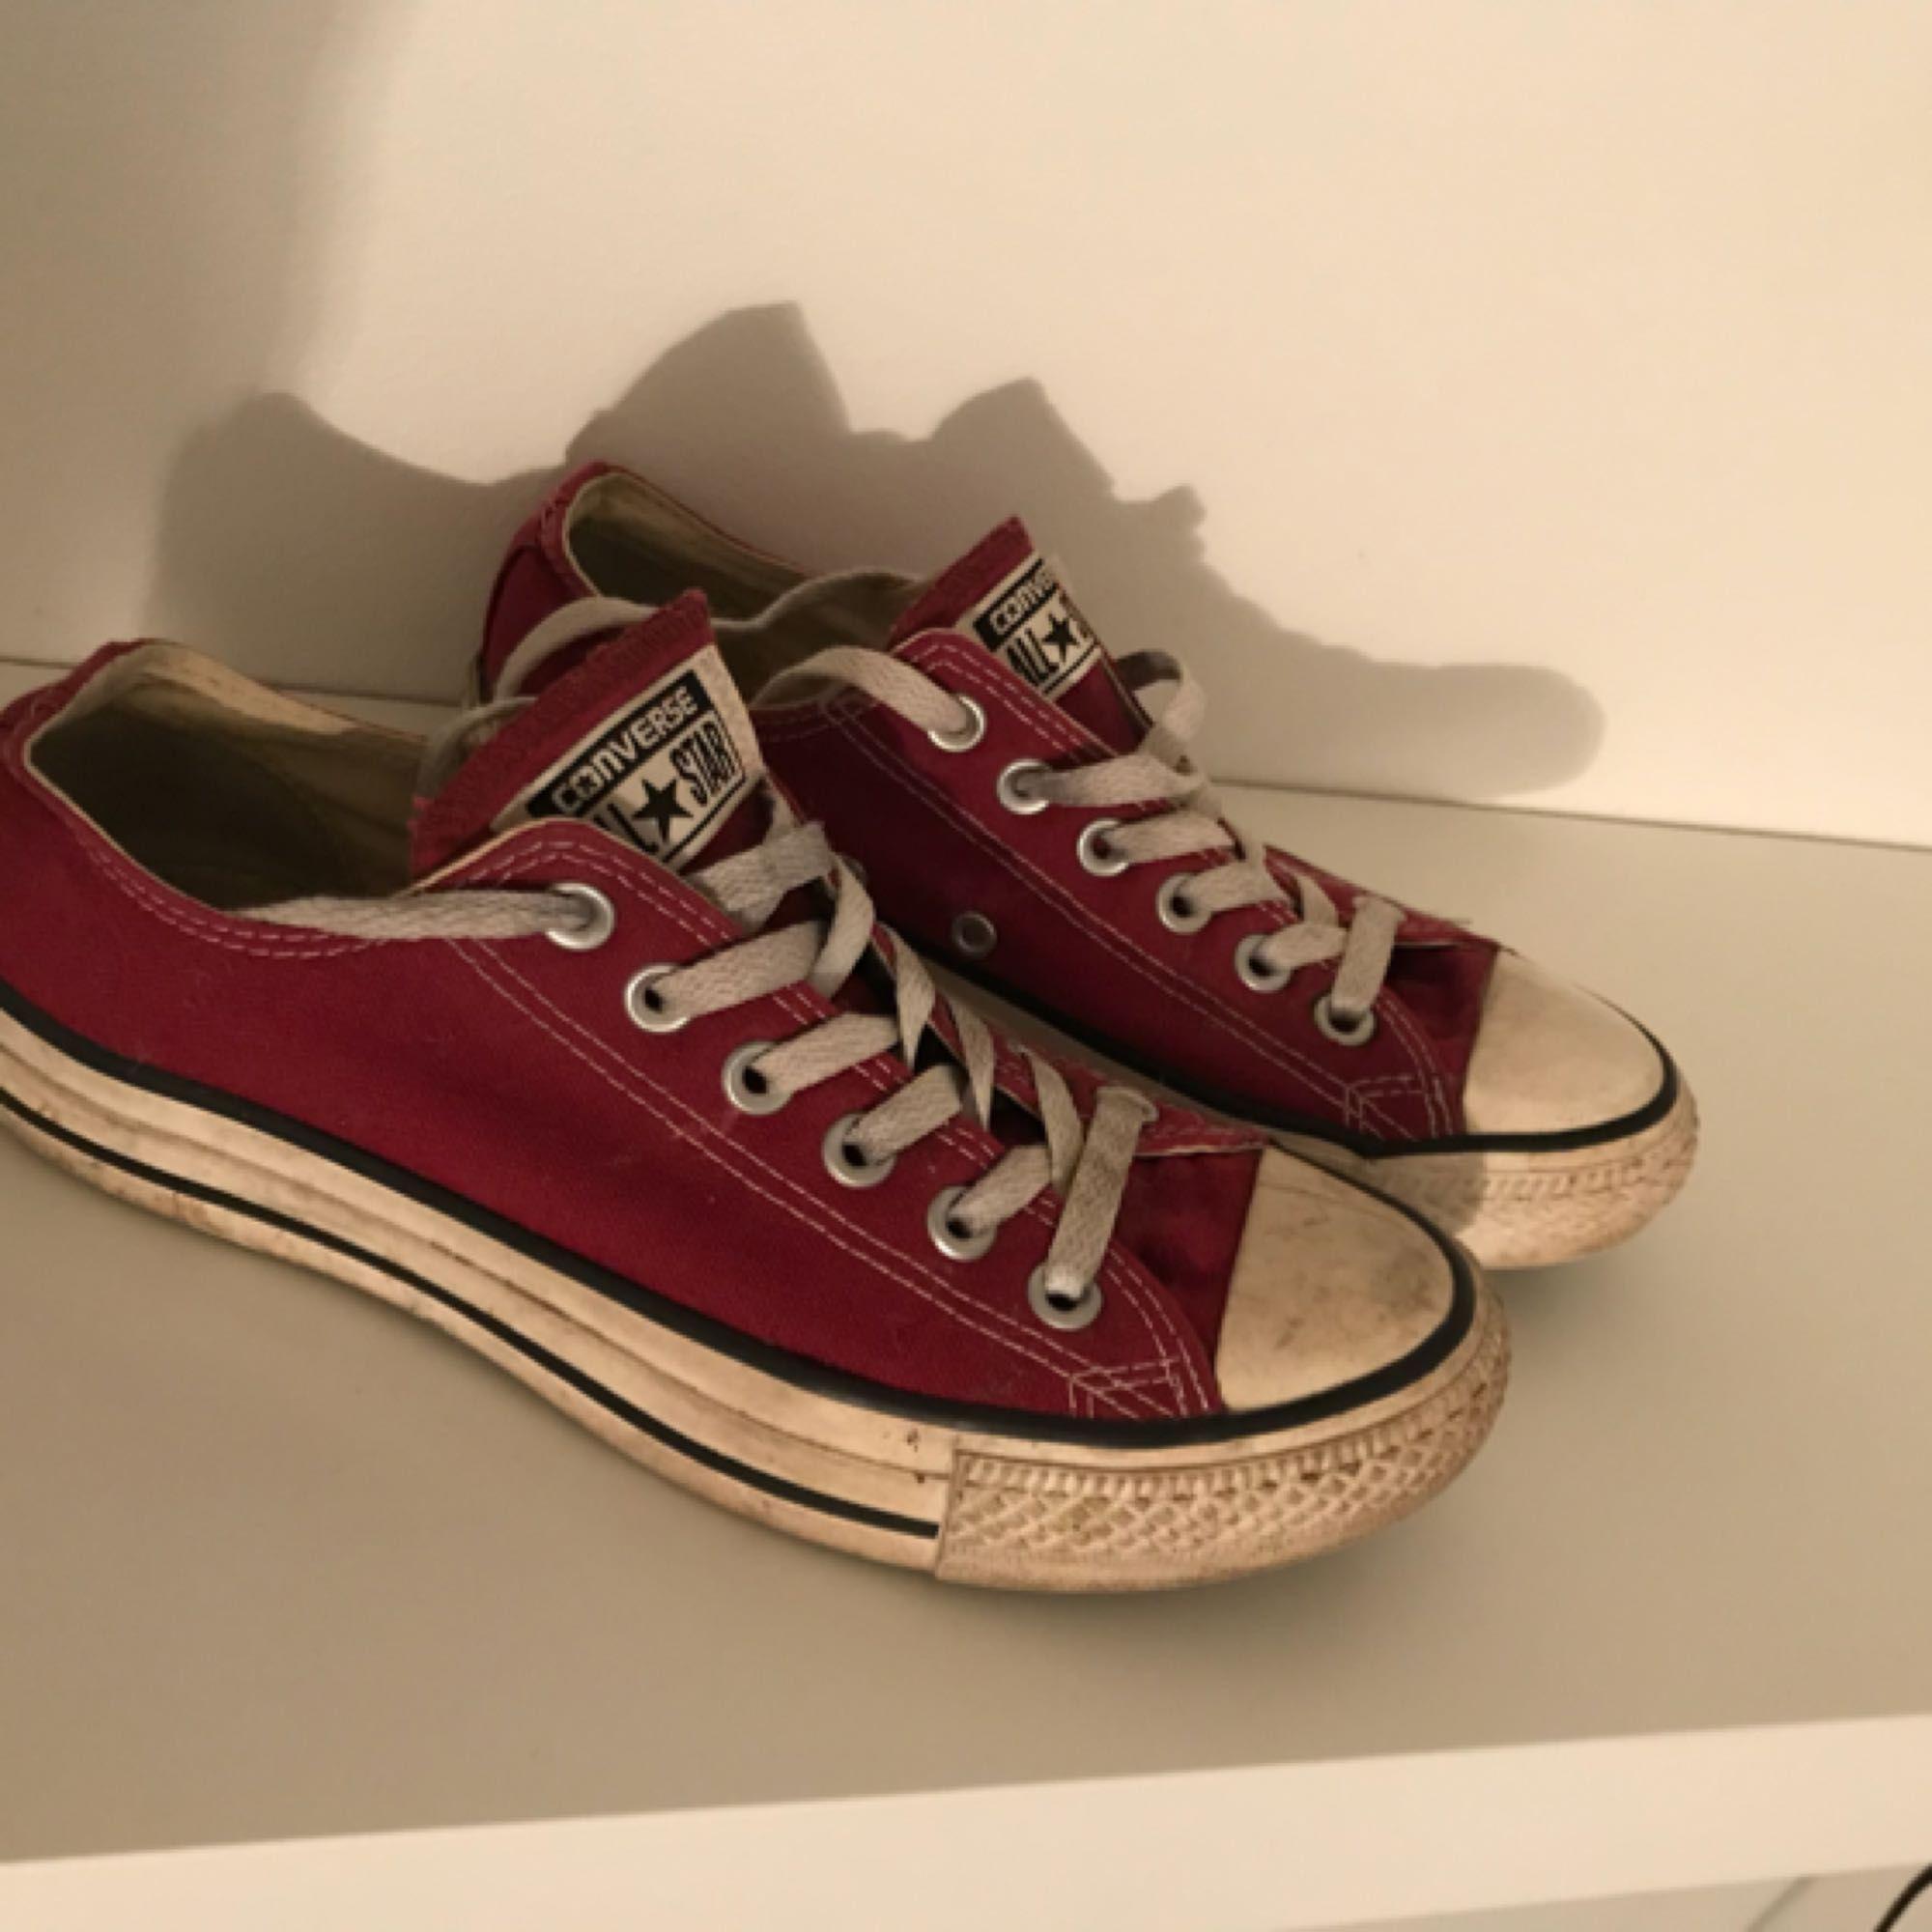 c053358bd3c Vinröda converse skor. Bra skick Köparen står för frakt. Skor.